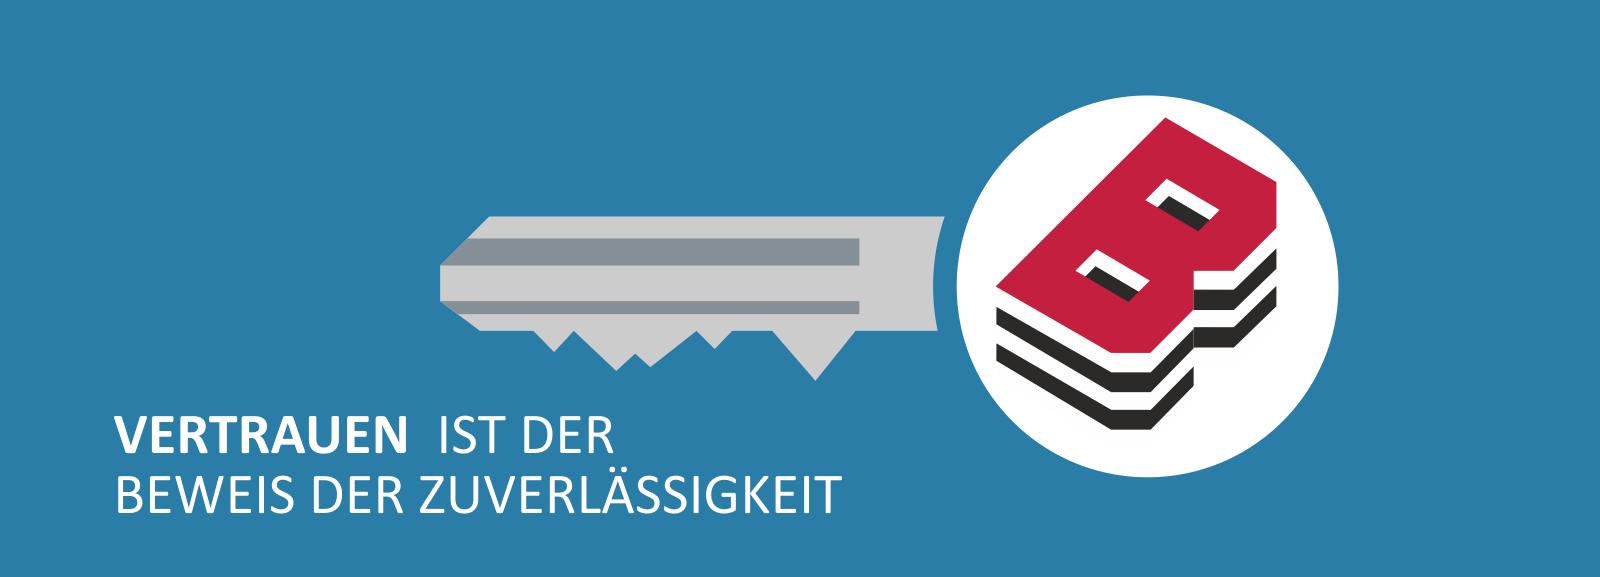 HP-Bausie_Banner_19_03-MietWEG-Verwaltung